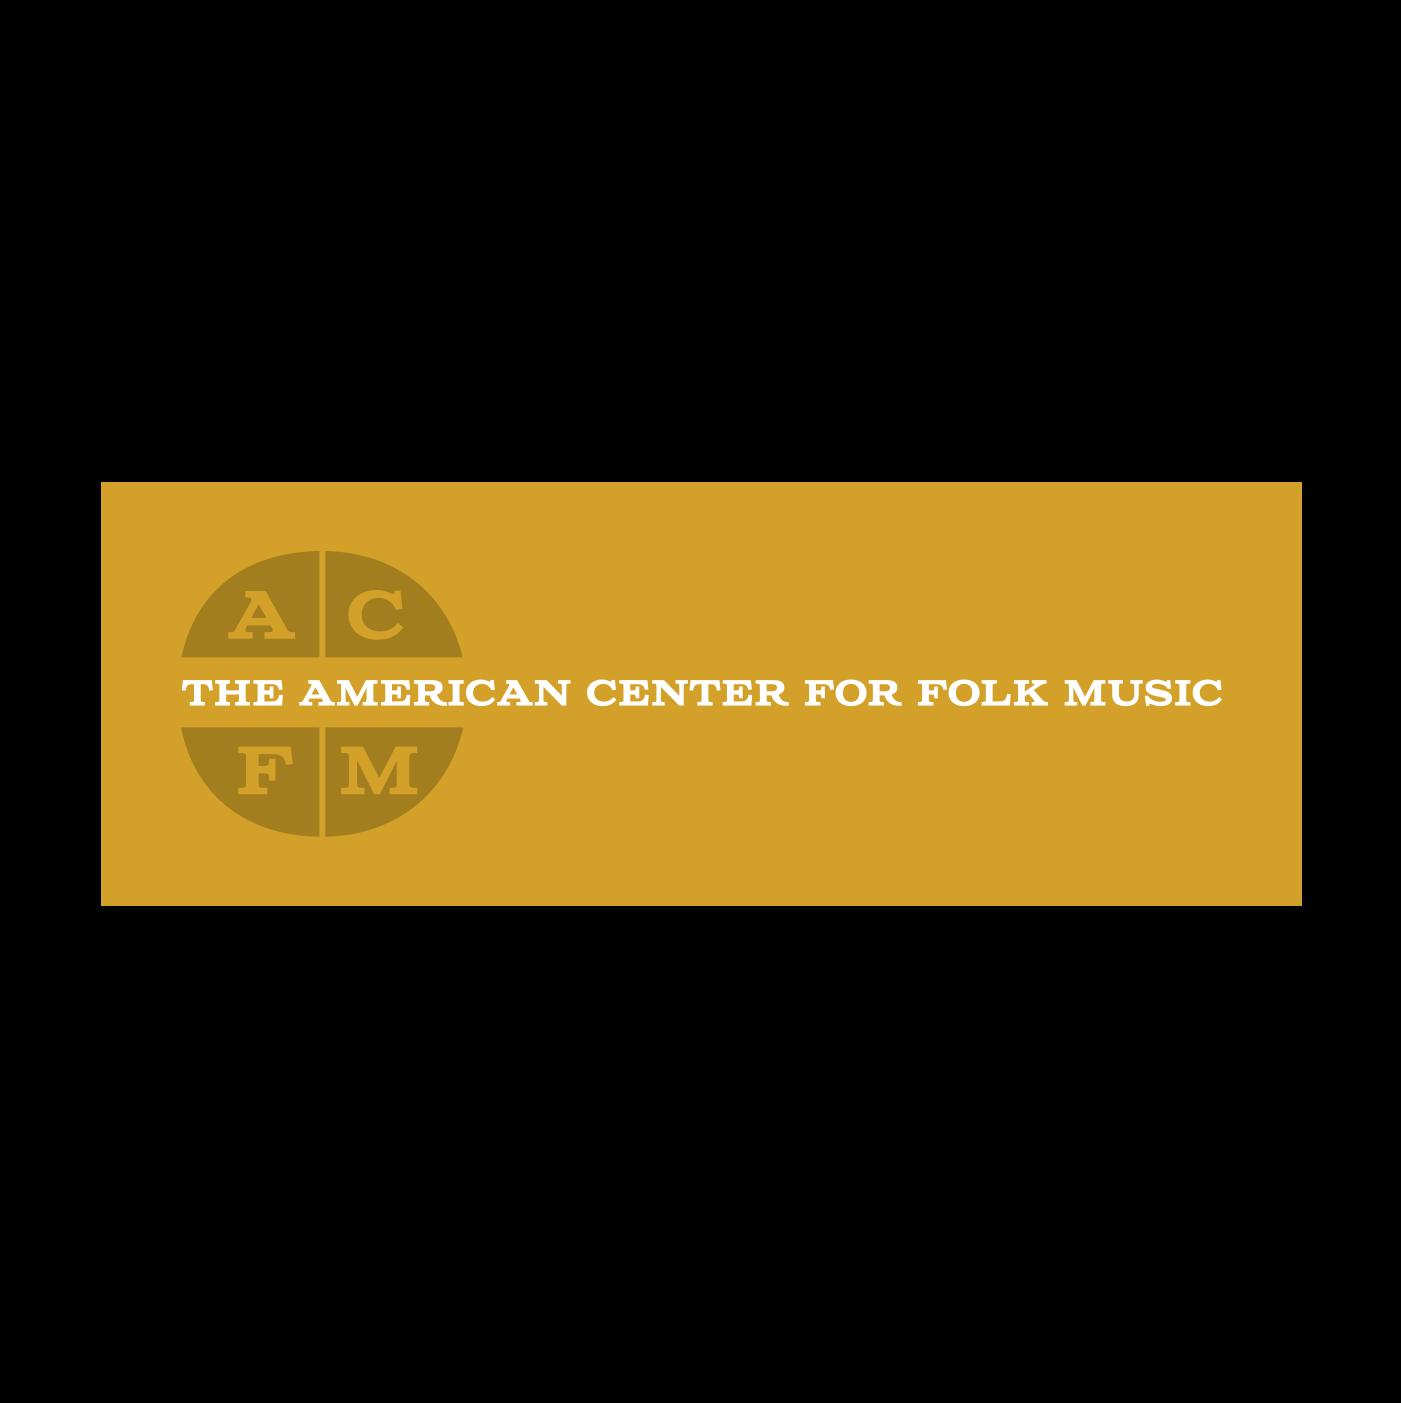 /american-center-for-folk-music